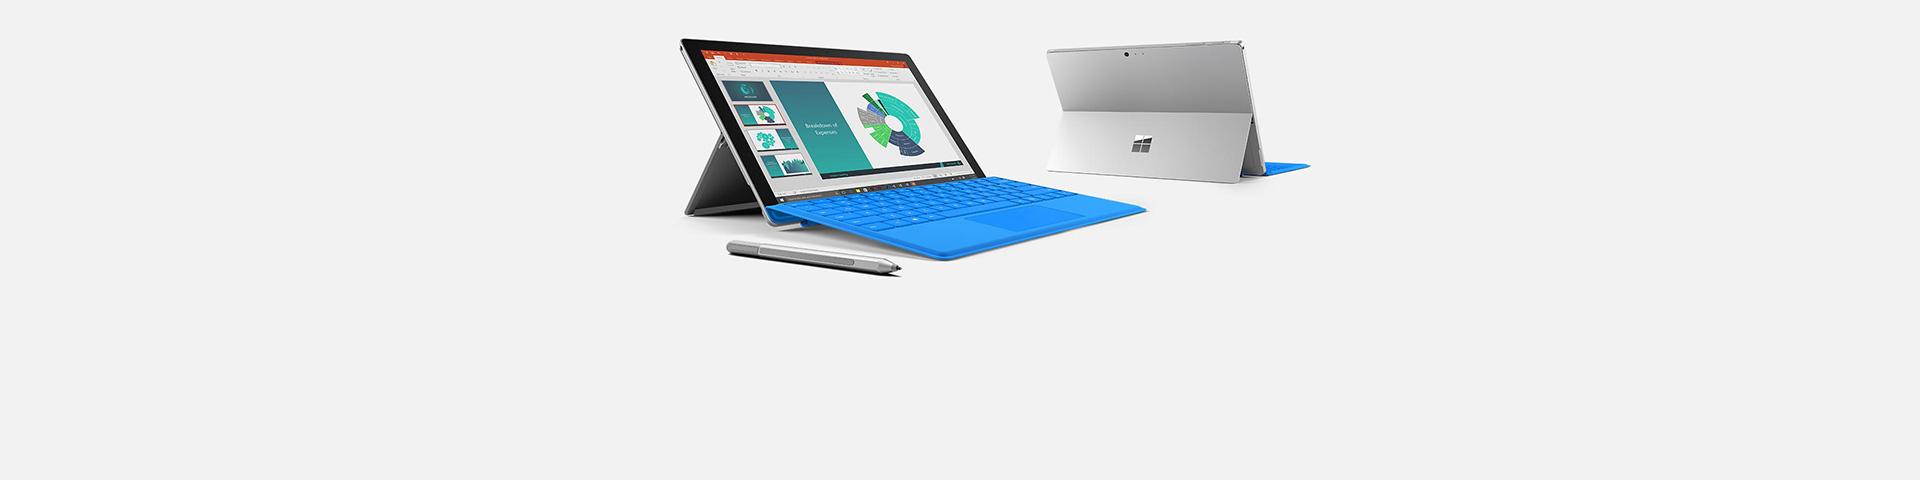 Urządzenia Surface Pro 4